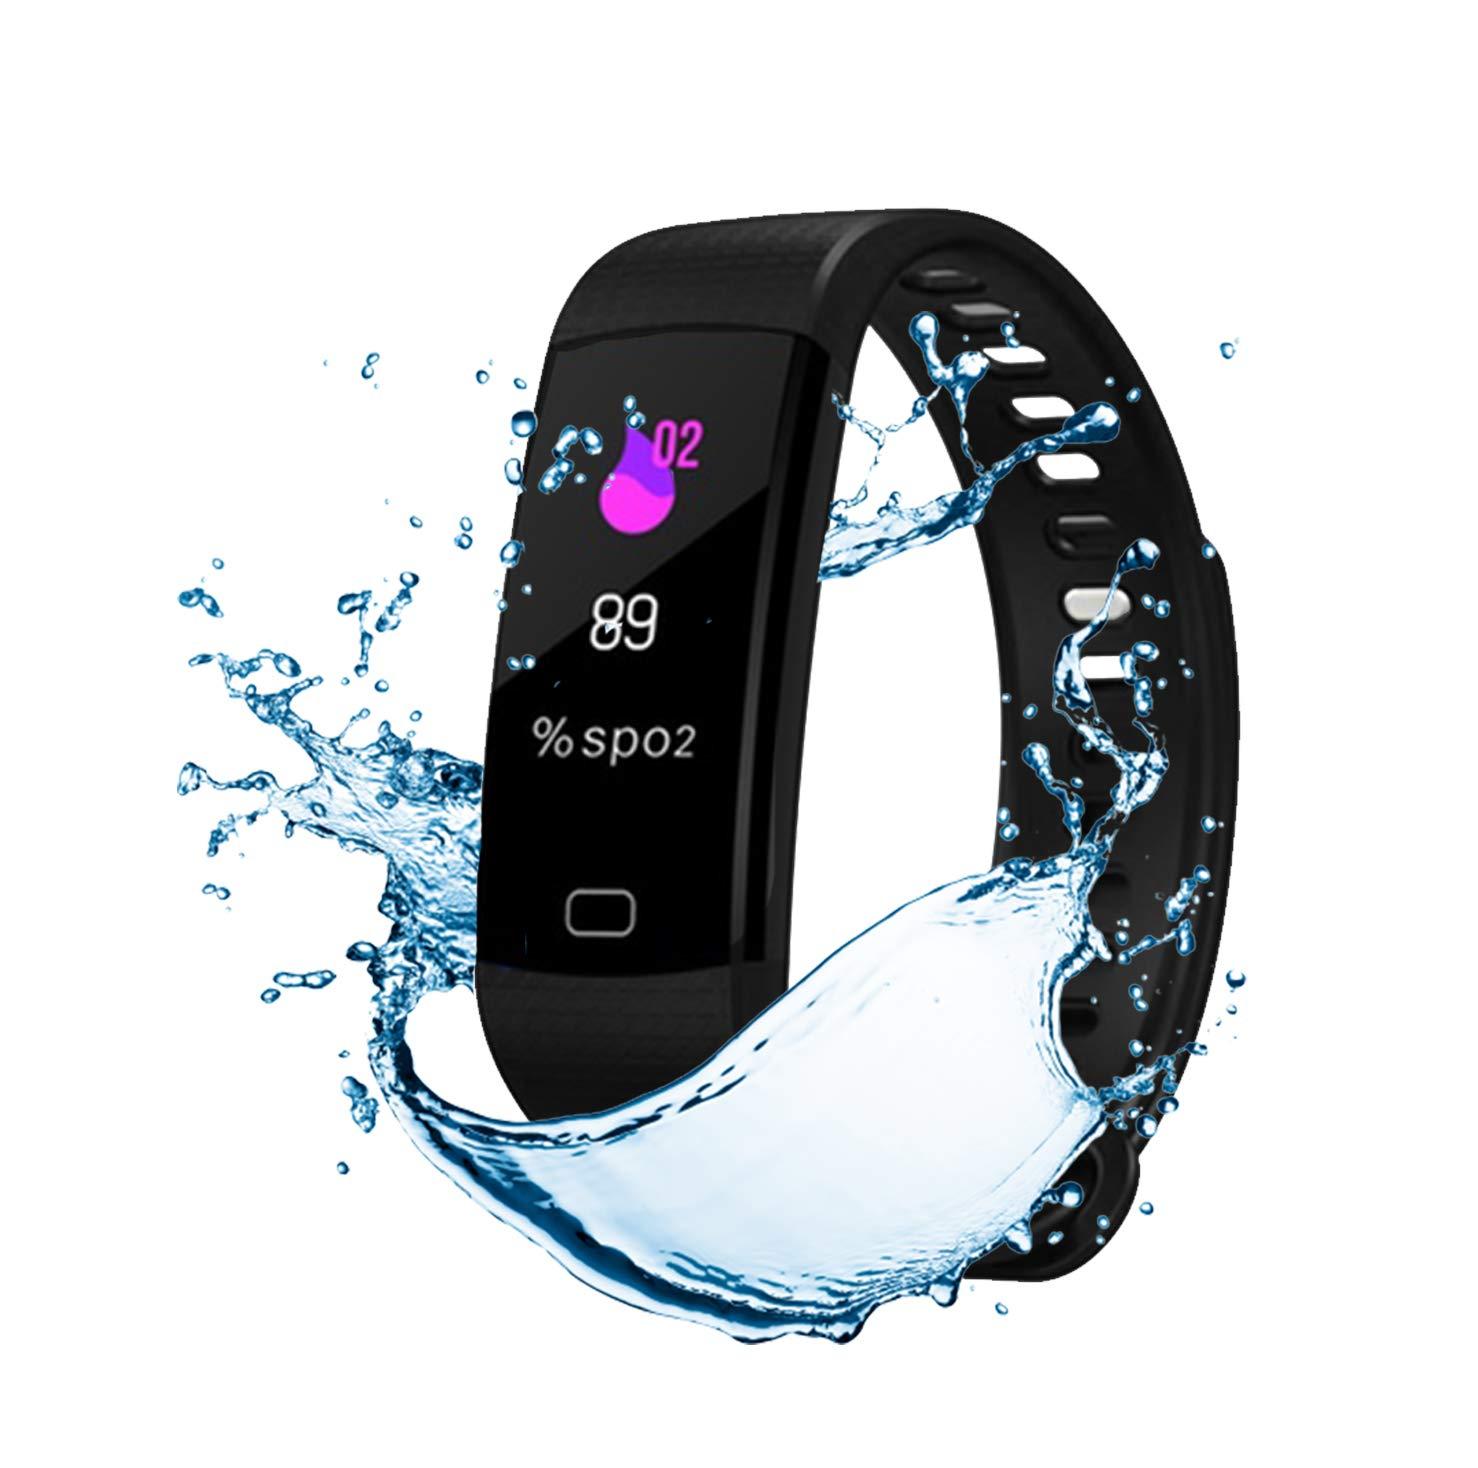 Pulsera de Actividad Inteligente FitBand cRadia con pantalla táctil, pulsómetro láser, monitor de Frecuencia Cardíaca HR, Podómetro, resistente al agua con protección IP67, contador de pasos y monitor de Sueño para Android y iPhone 8